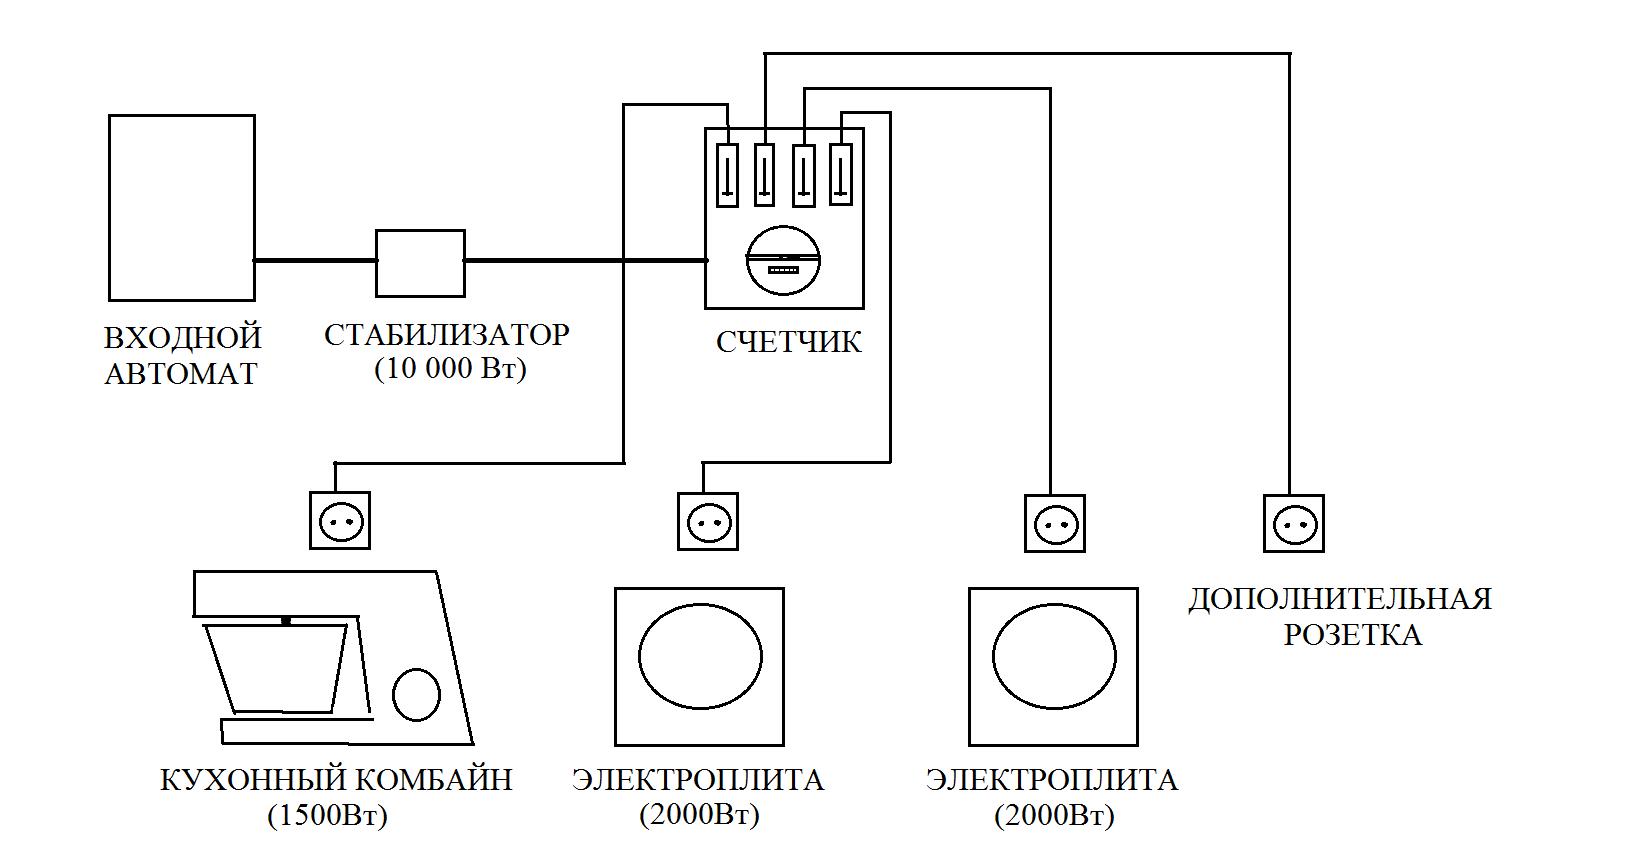 Принципиальная схема трехпрограммного приемника феб пт 301